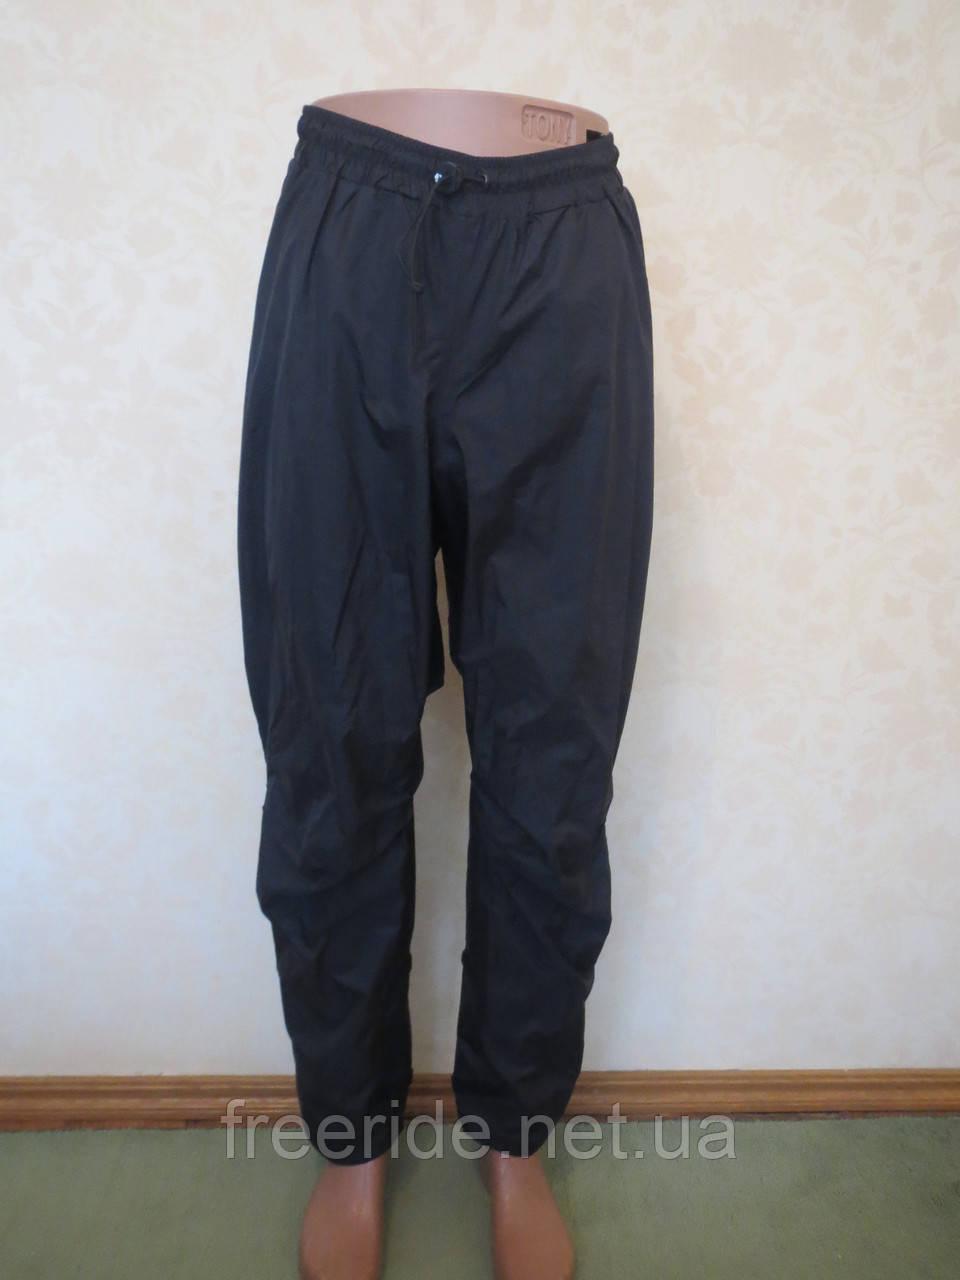 Дождевые штаны Jack Wolfskin (M) Texapore